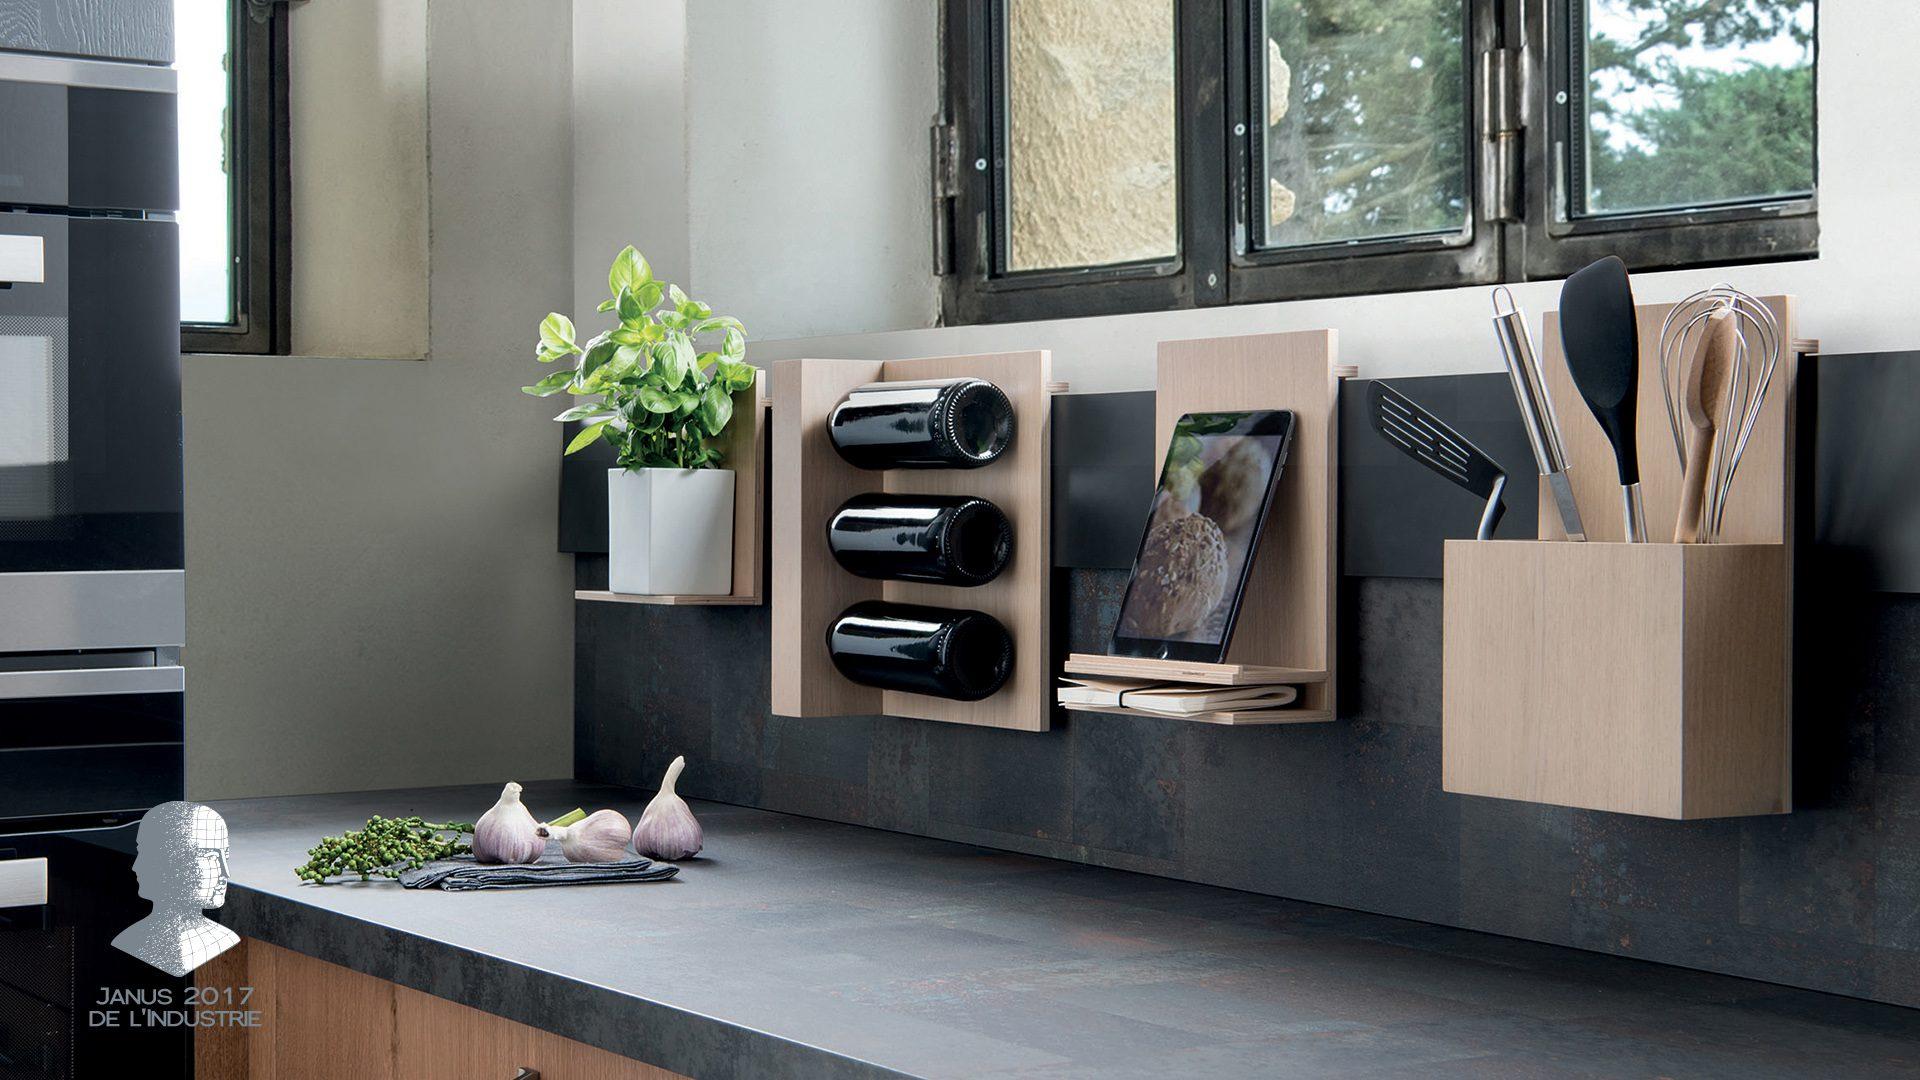 Accessoires de cuisine design nouveaux mod les de maison for Accessoires de cuisine design